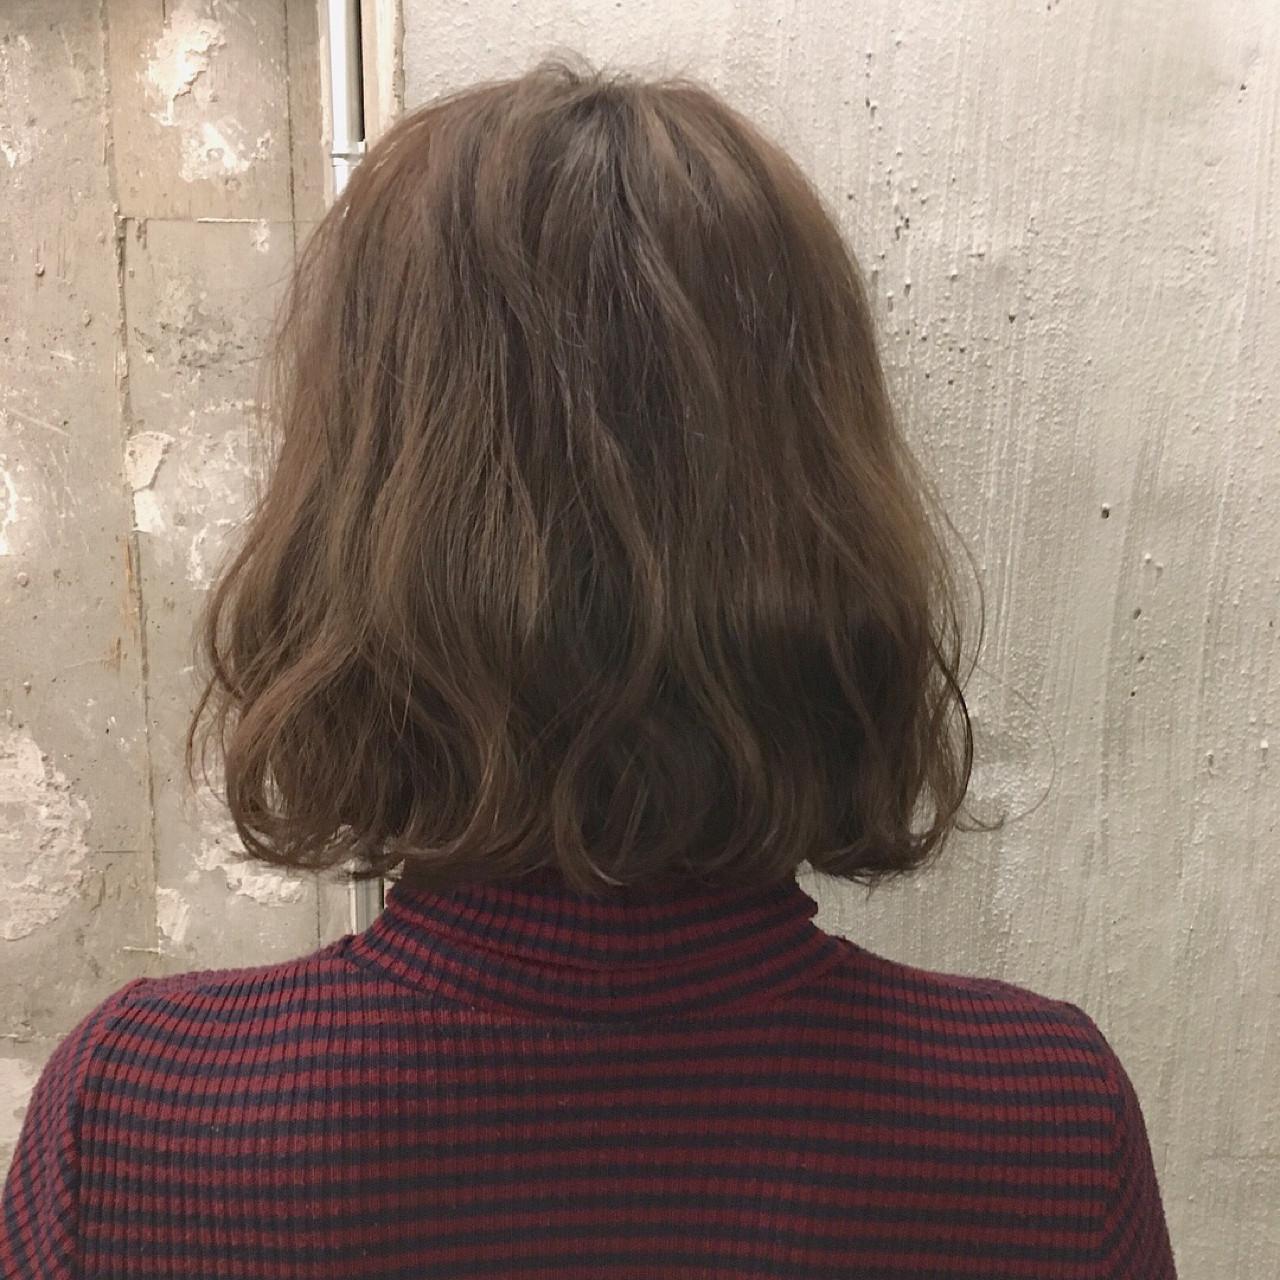 ボブ こなれ感 外ハネ ヘアアレンジ ヘアスタイルや髪型の写真・画像 | 冨永 真太郎 / 人トナリ